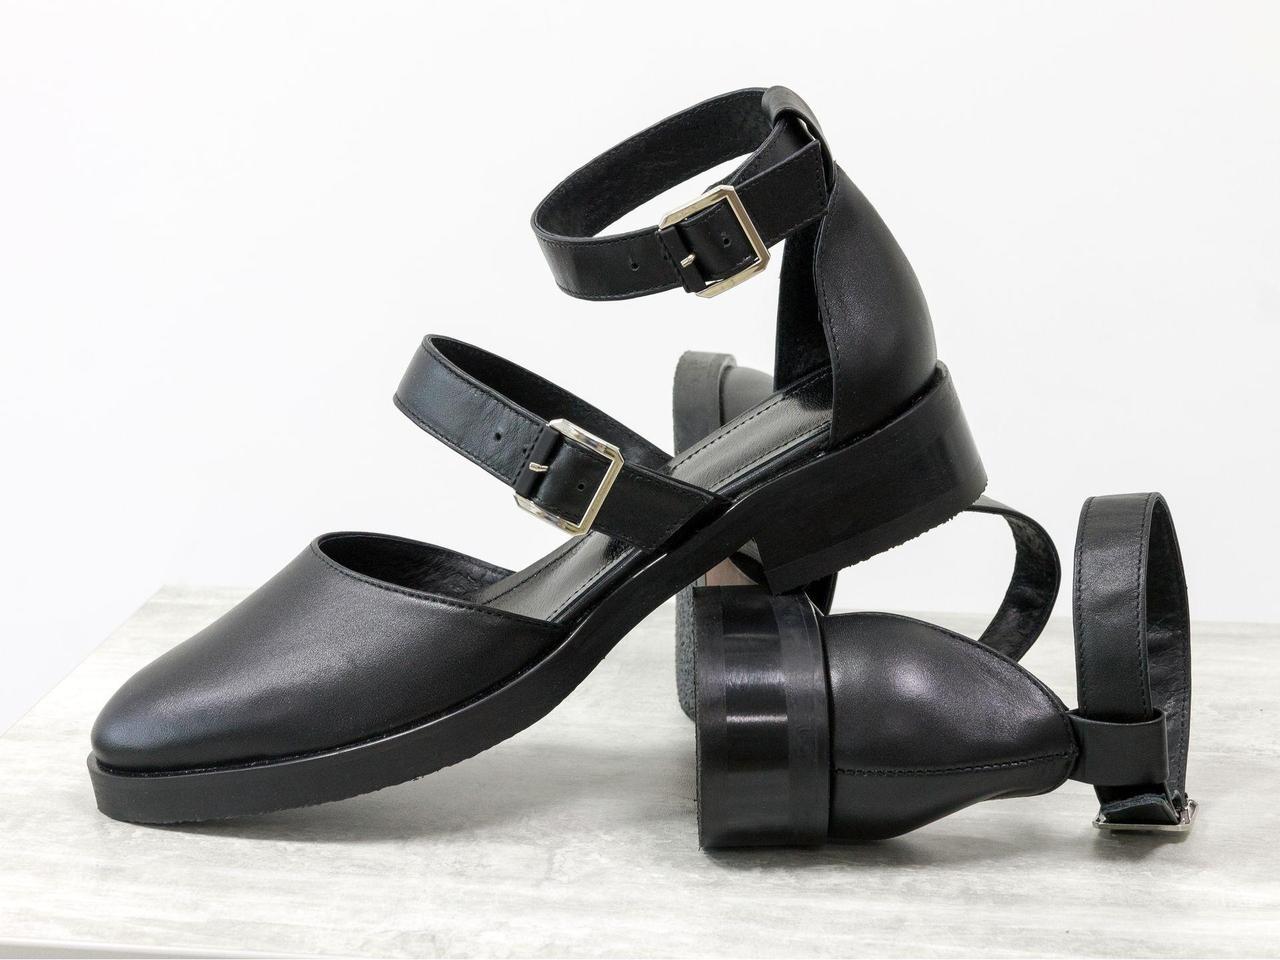 Стильные кожаные Туфли с ремешками, полностью черного цвета, на удобном, невысоком каблуке, Д-23-24